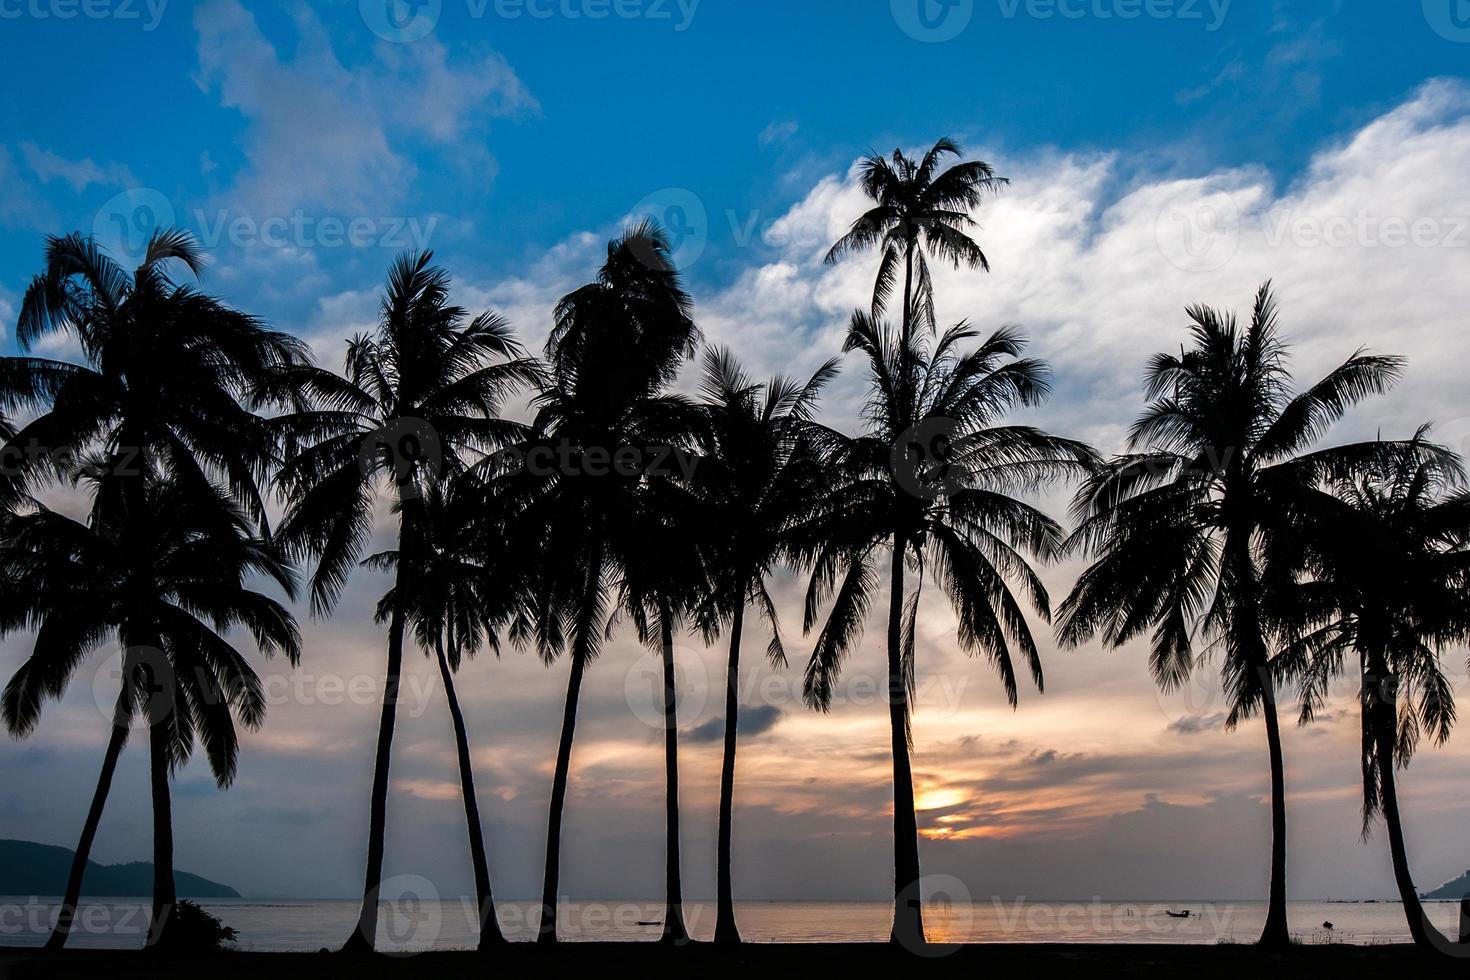 Sonnenuntergang auf der Insel Samui foto